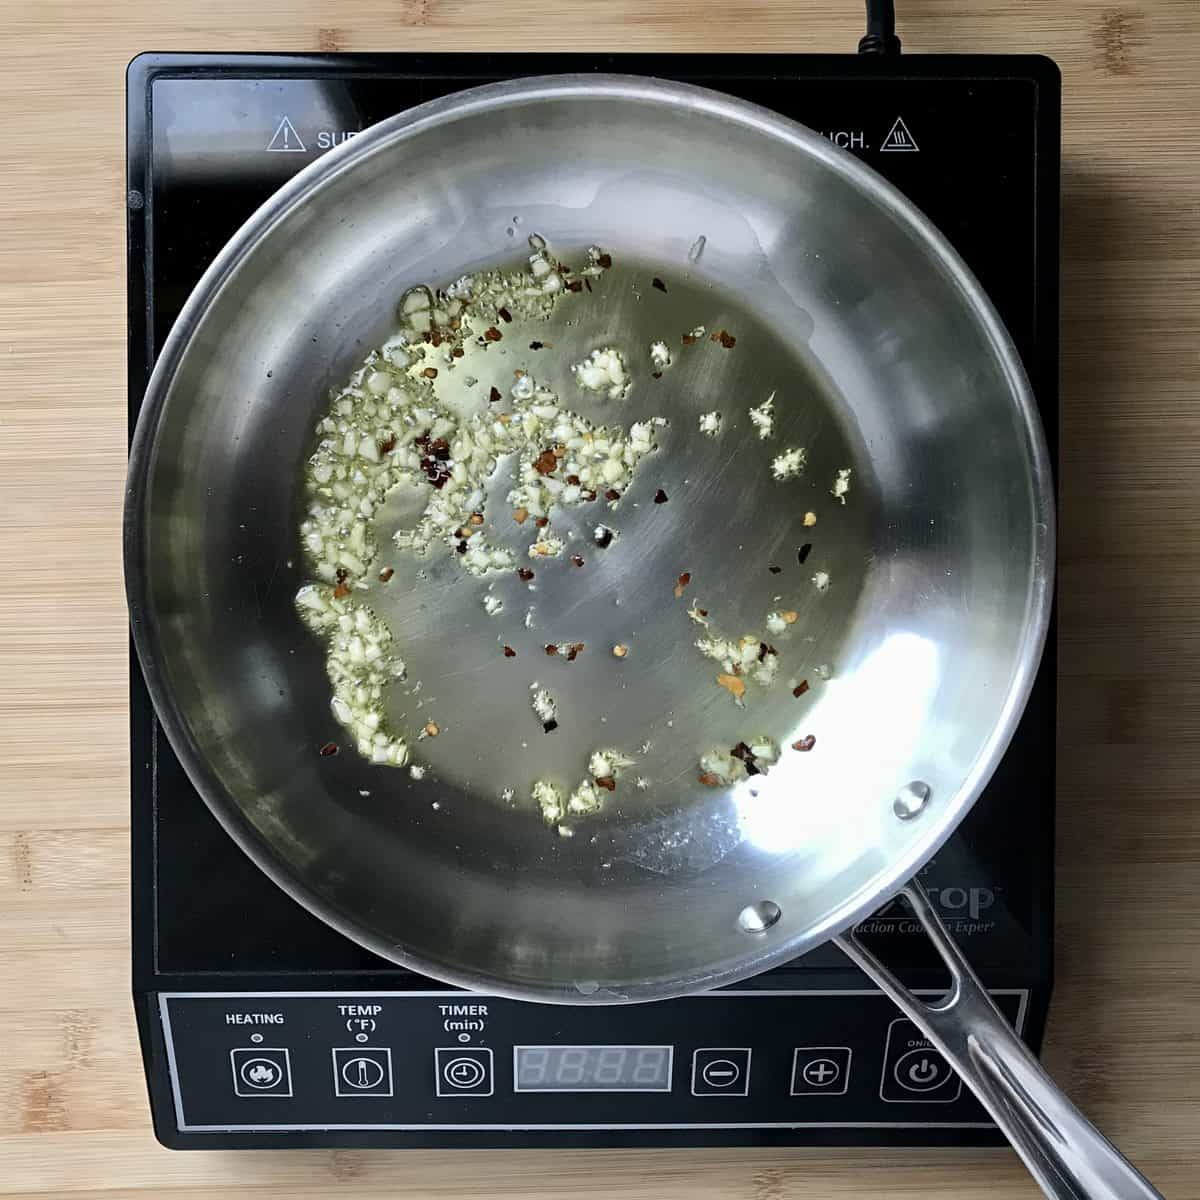 Sauteed garlic in a pan.